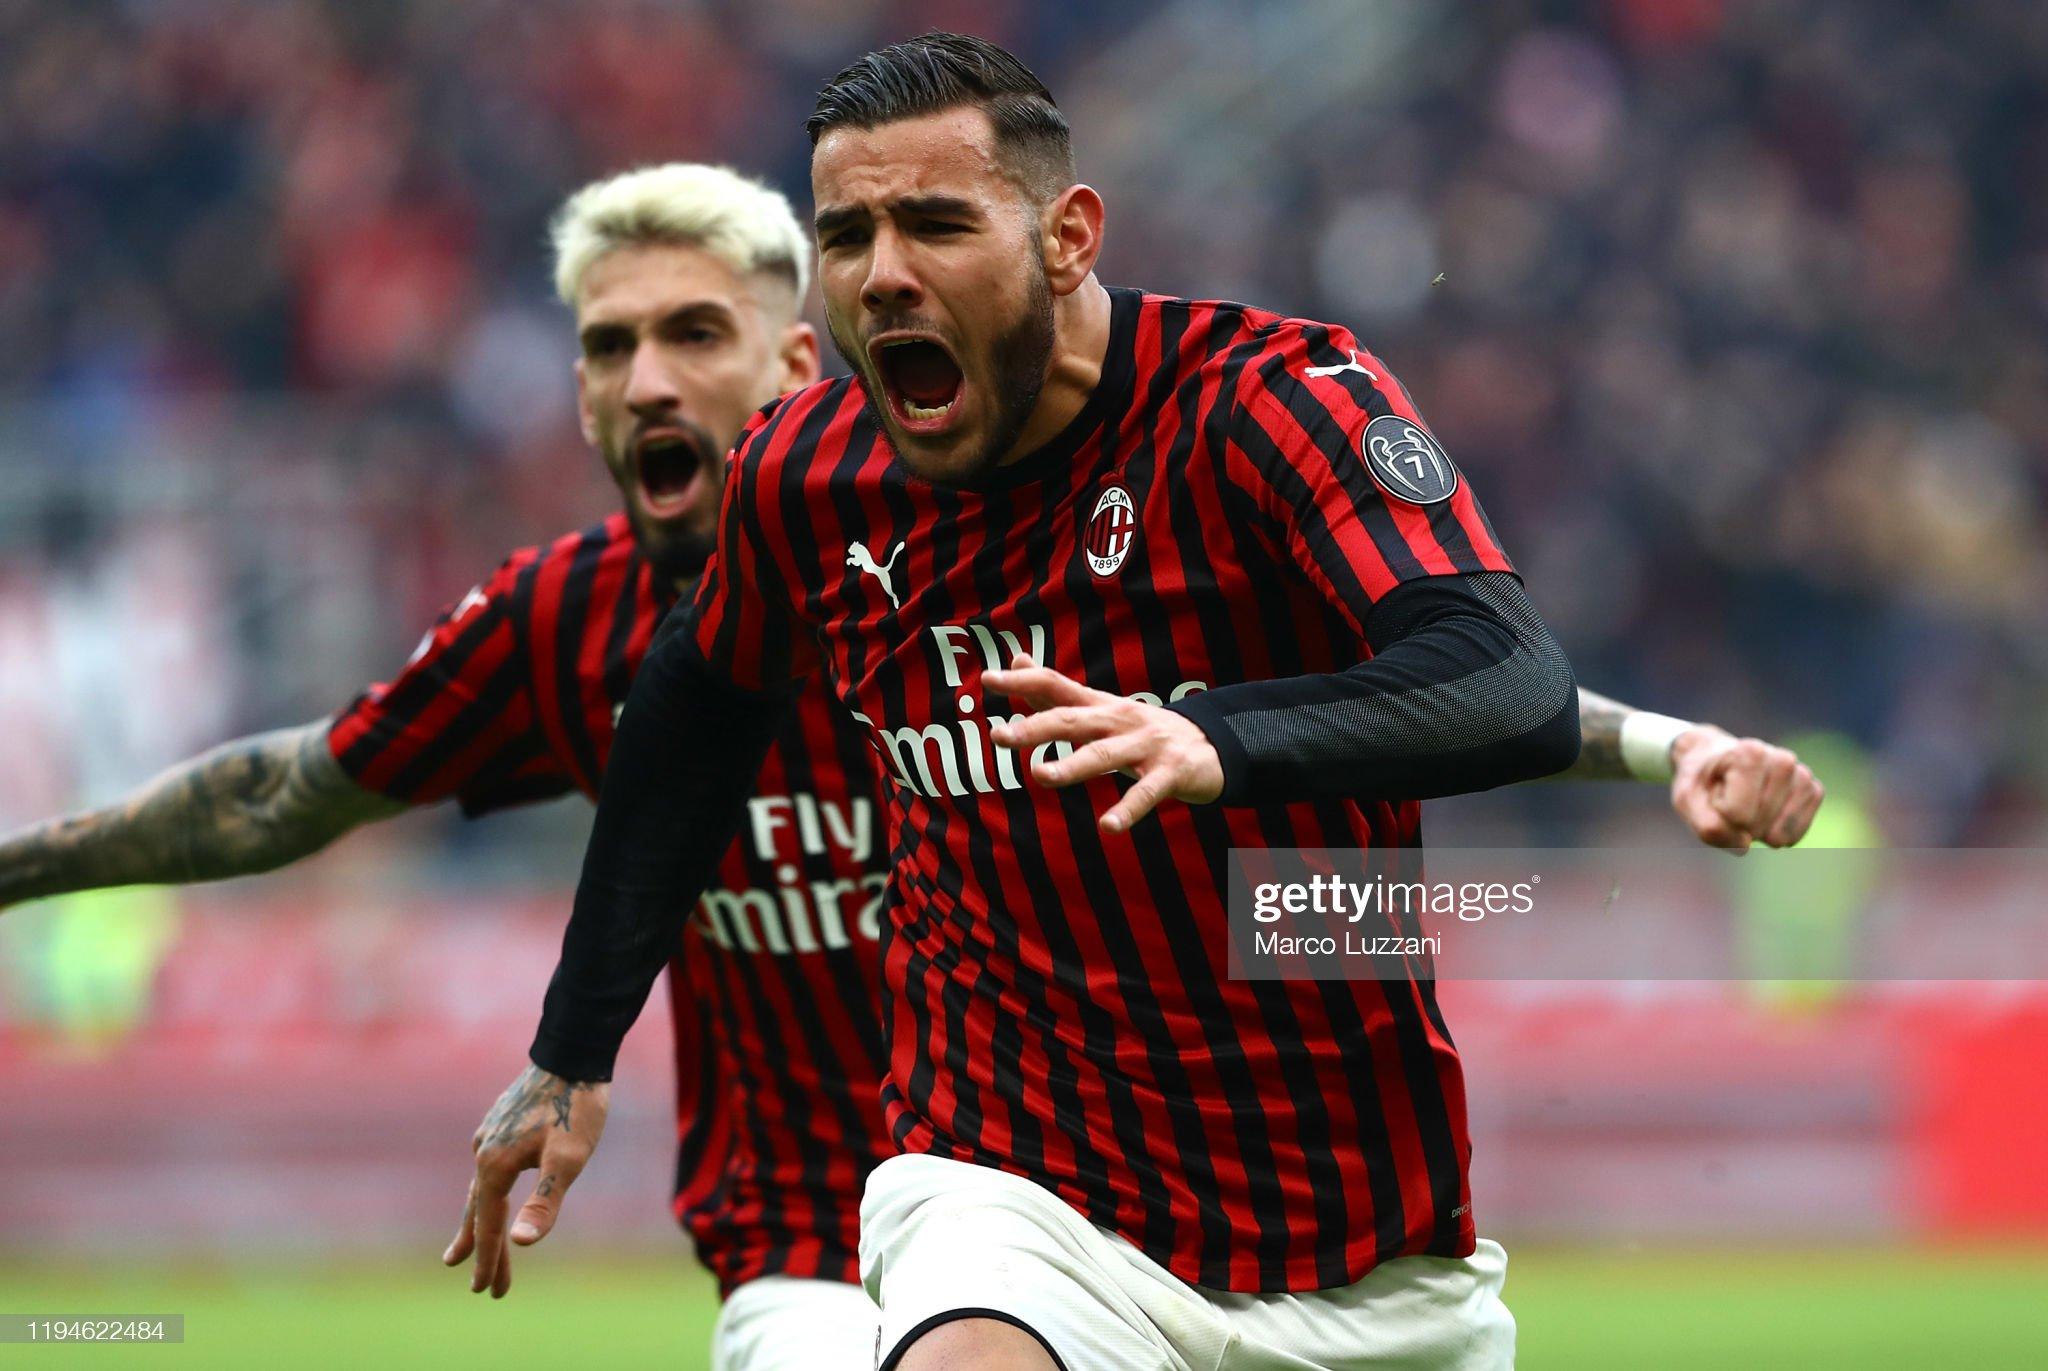 AC Milan v Udinese Calcio - Serie A : Foto di attualità